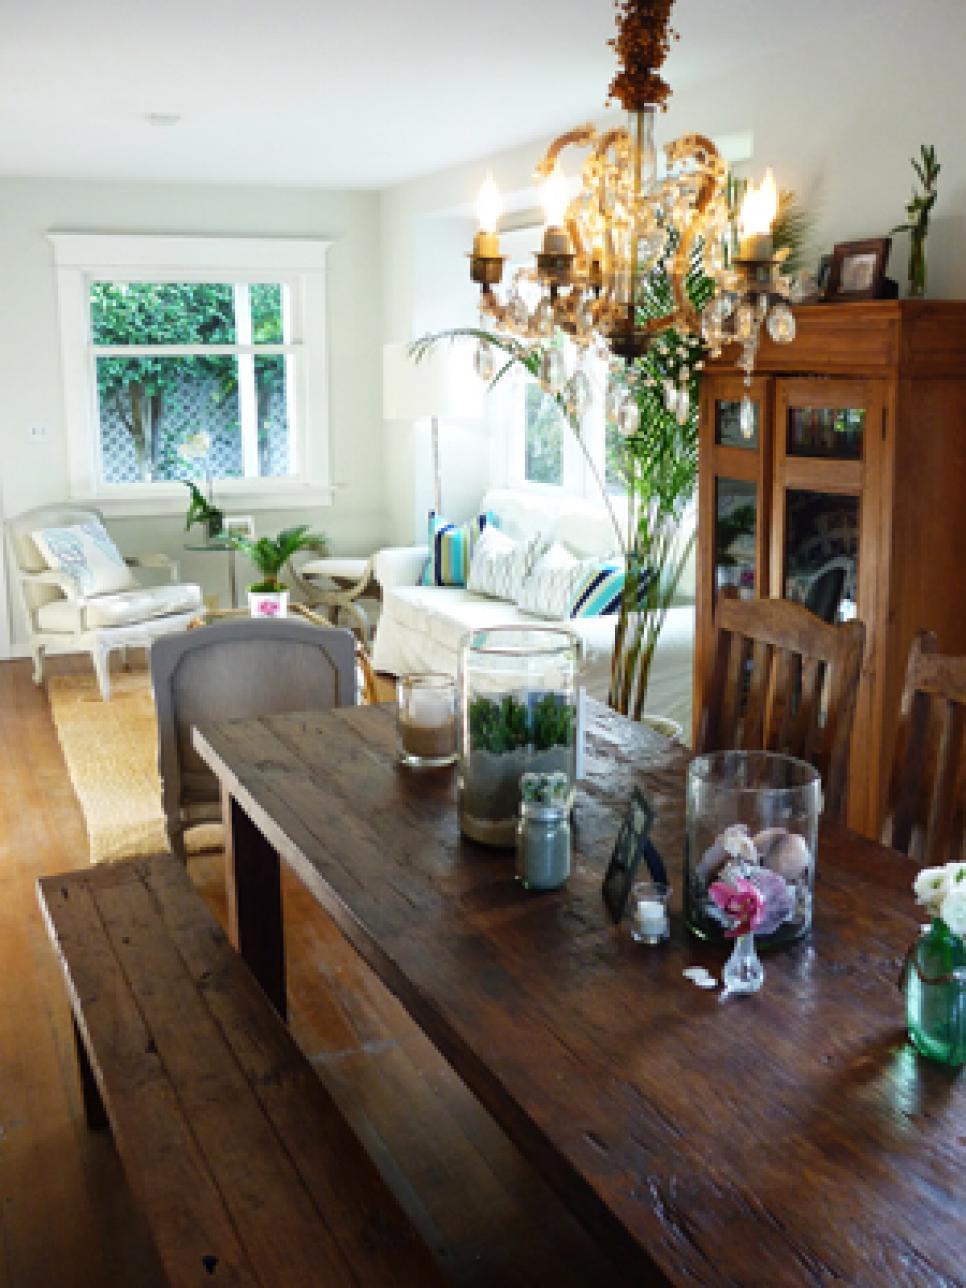 hstar5 hultgren rustic cottage dining room